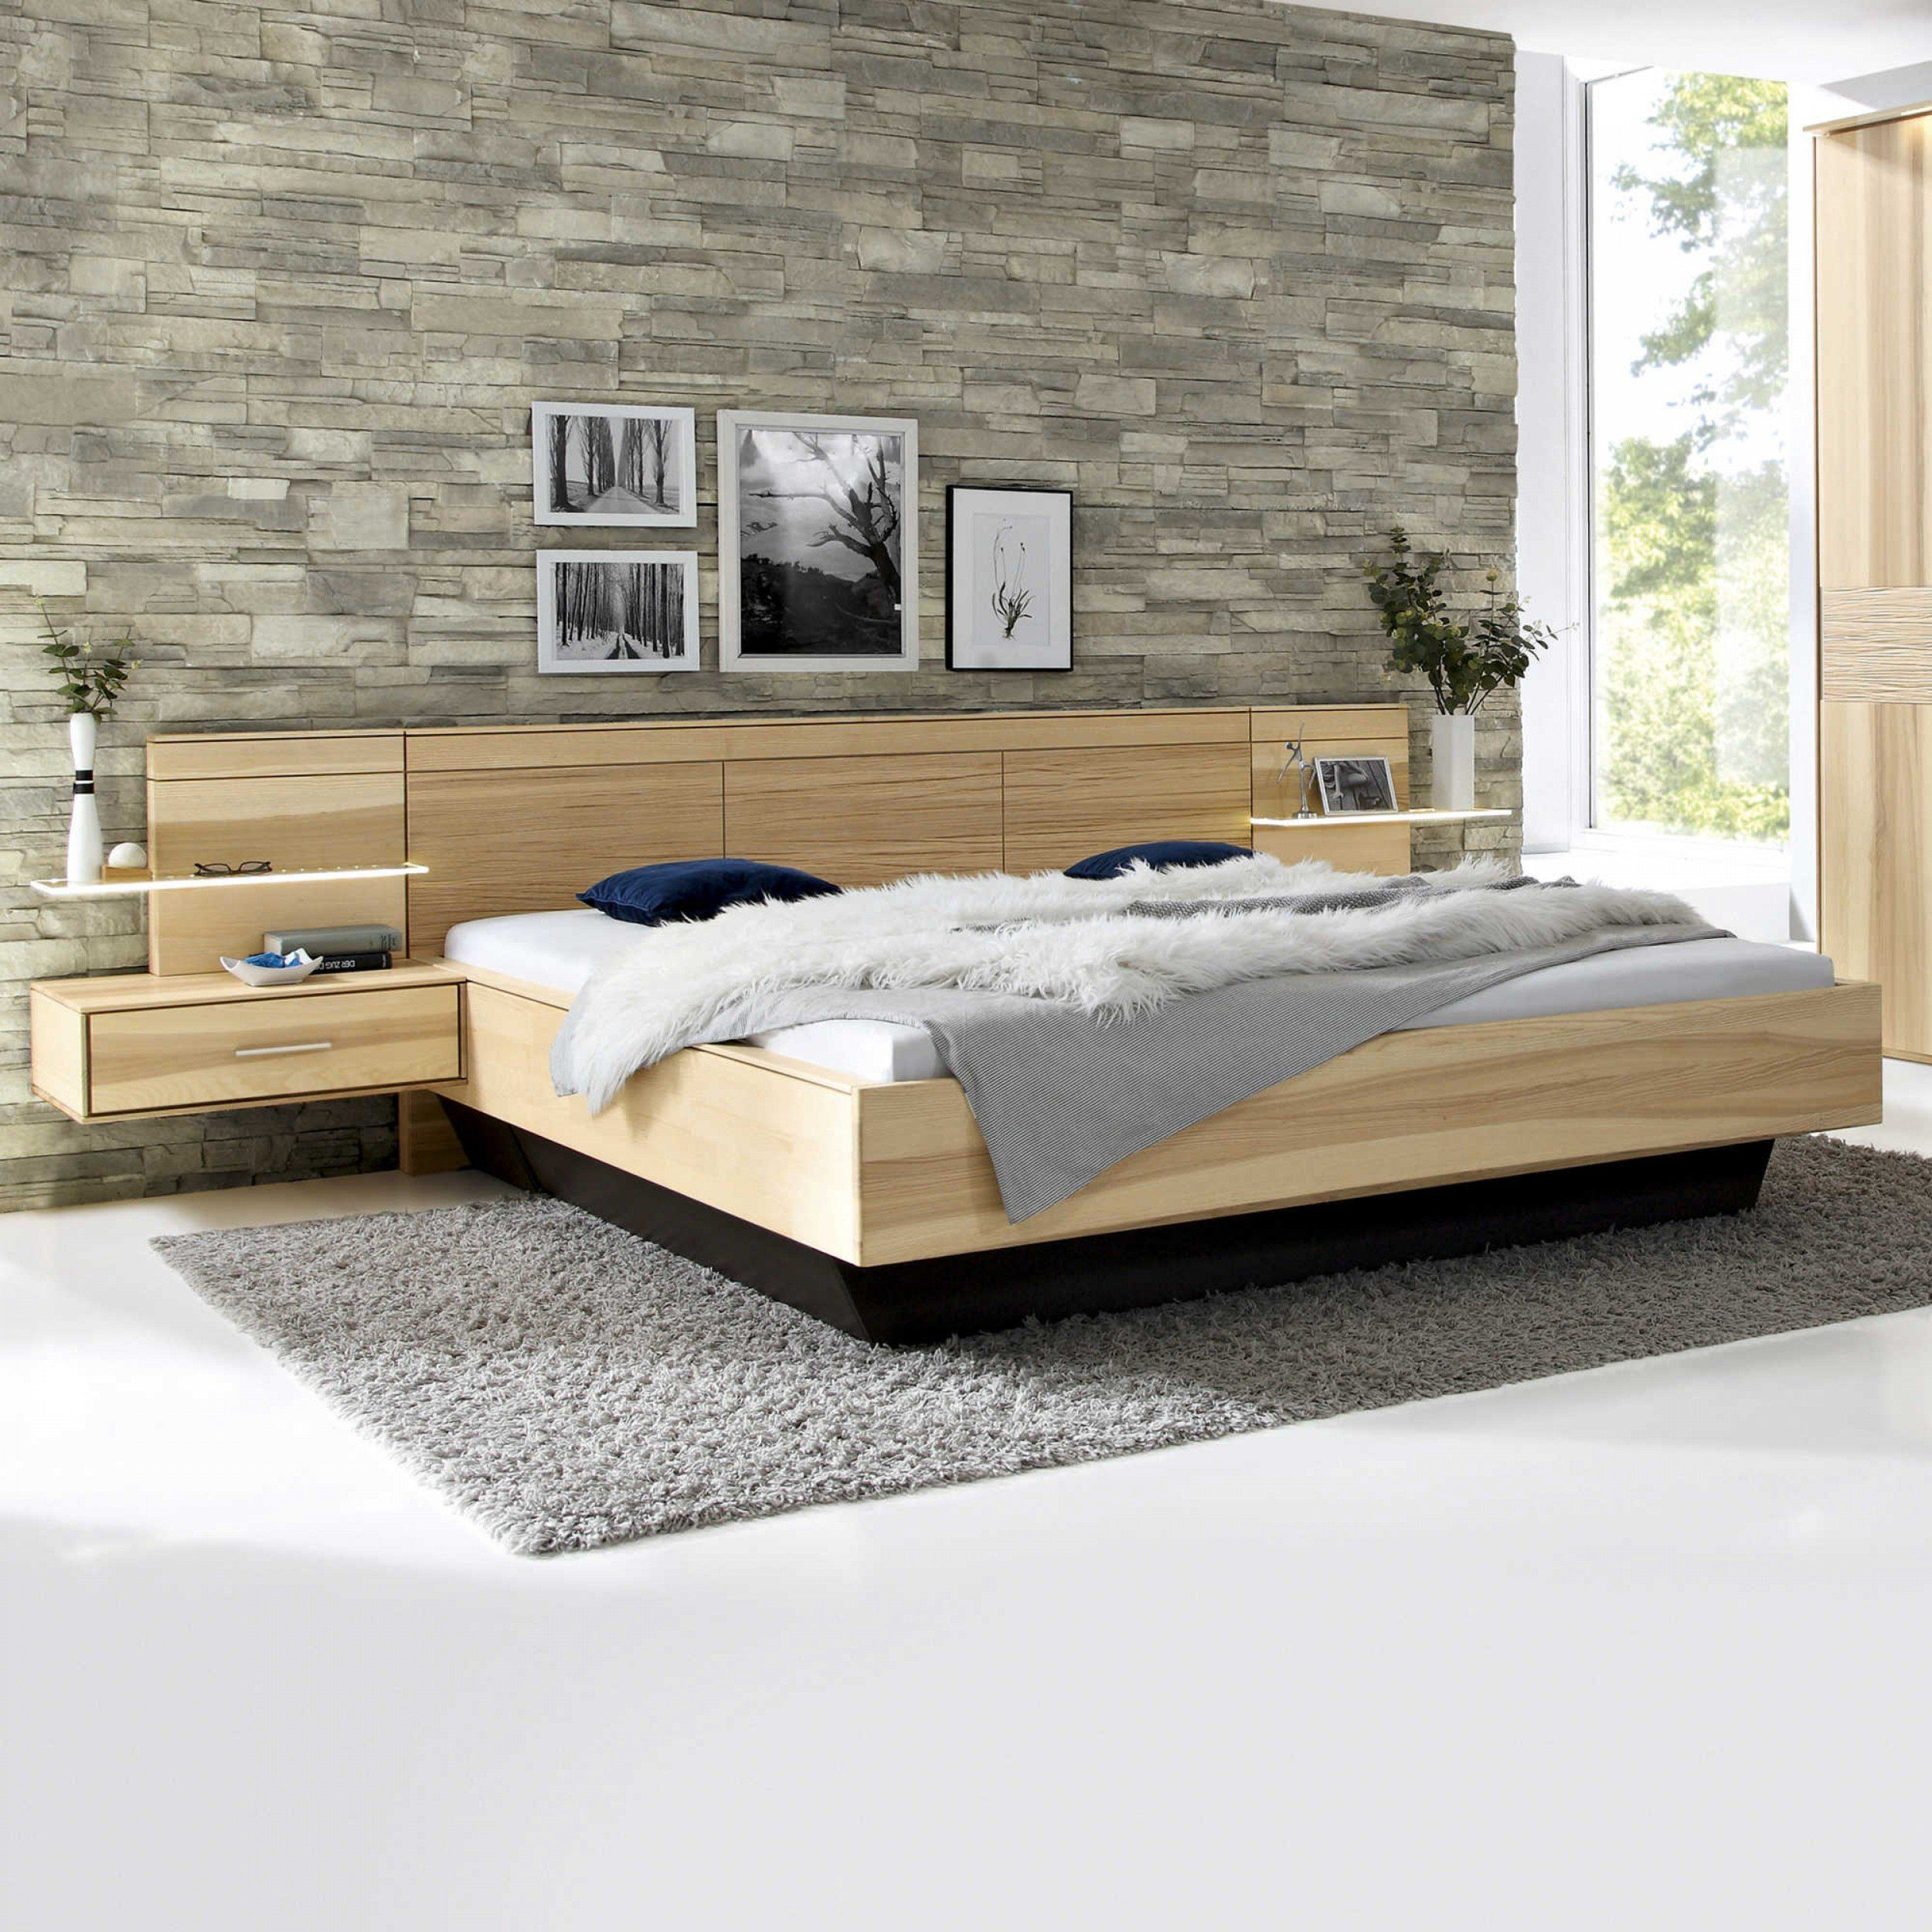 Thielemeyer Bett Mit Nachttischen Mira 4 0 180 X 200 Cm Massivholzbetten Betten Schlafzimmer Mobel Bett Ideen Bett Bett Modern